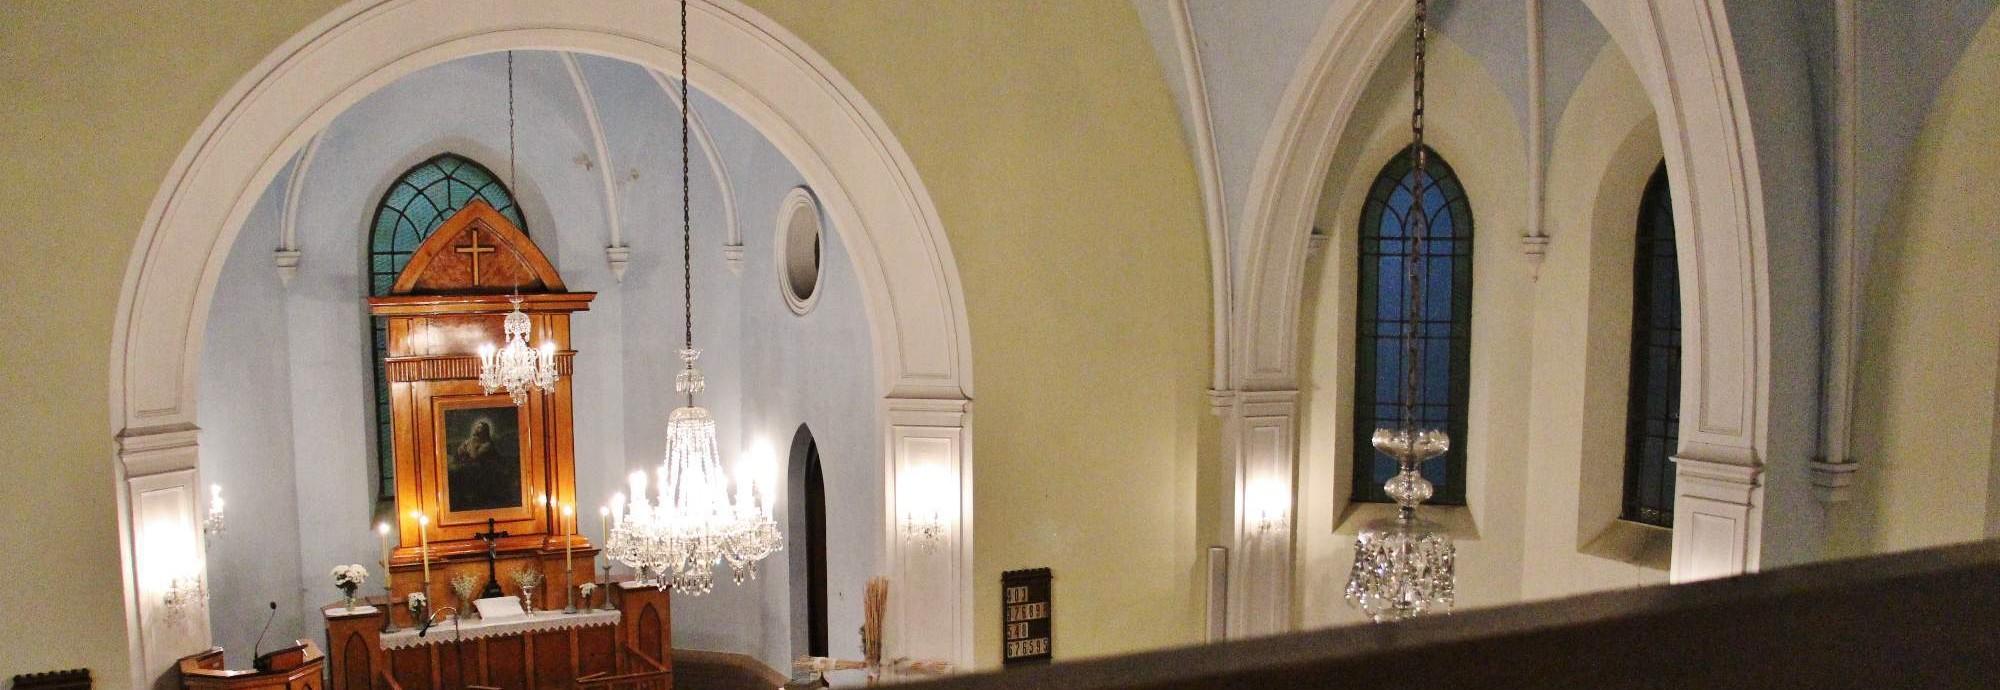 Farní sbor Slezské církve evangelické a. v. v Bohumíně